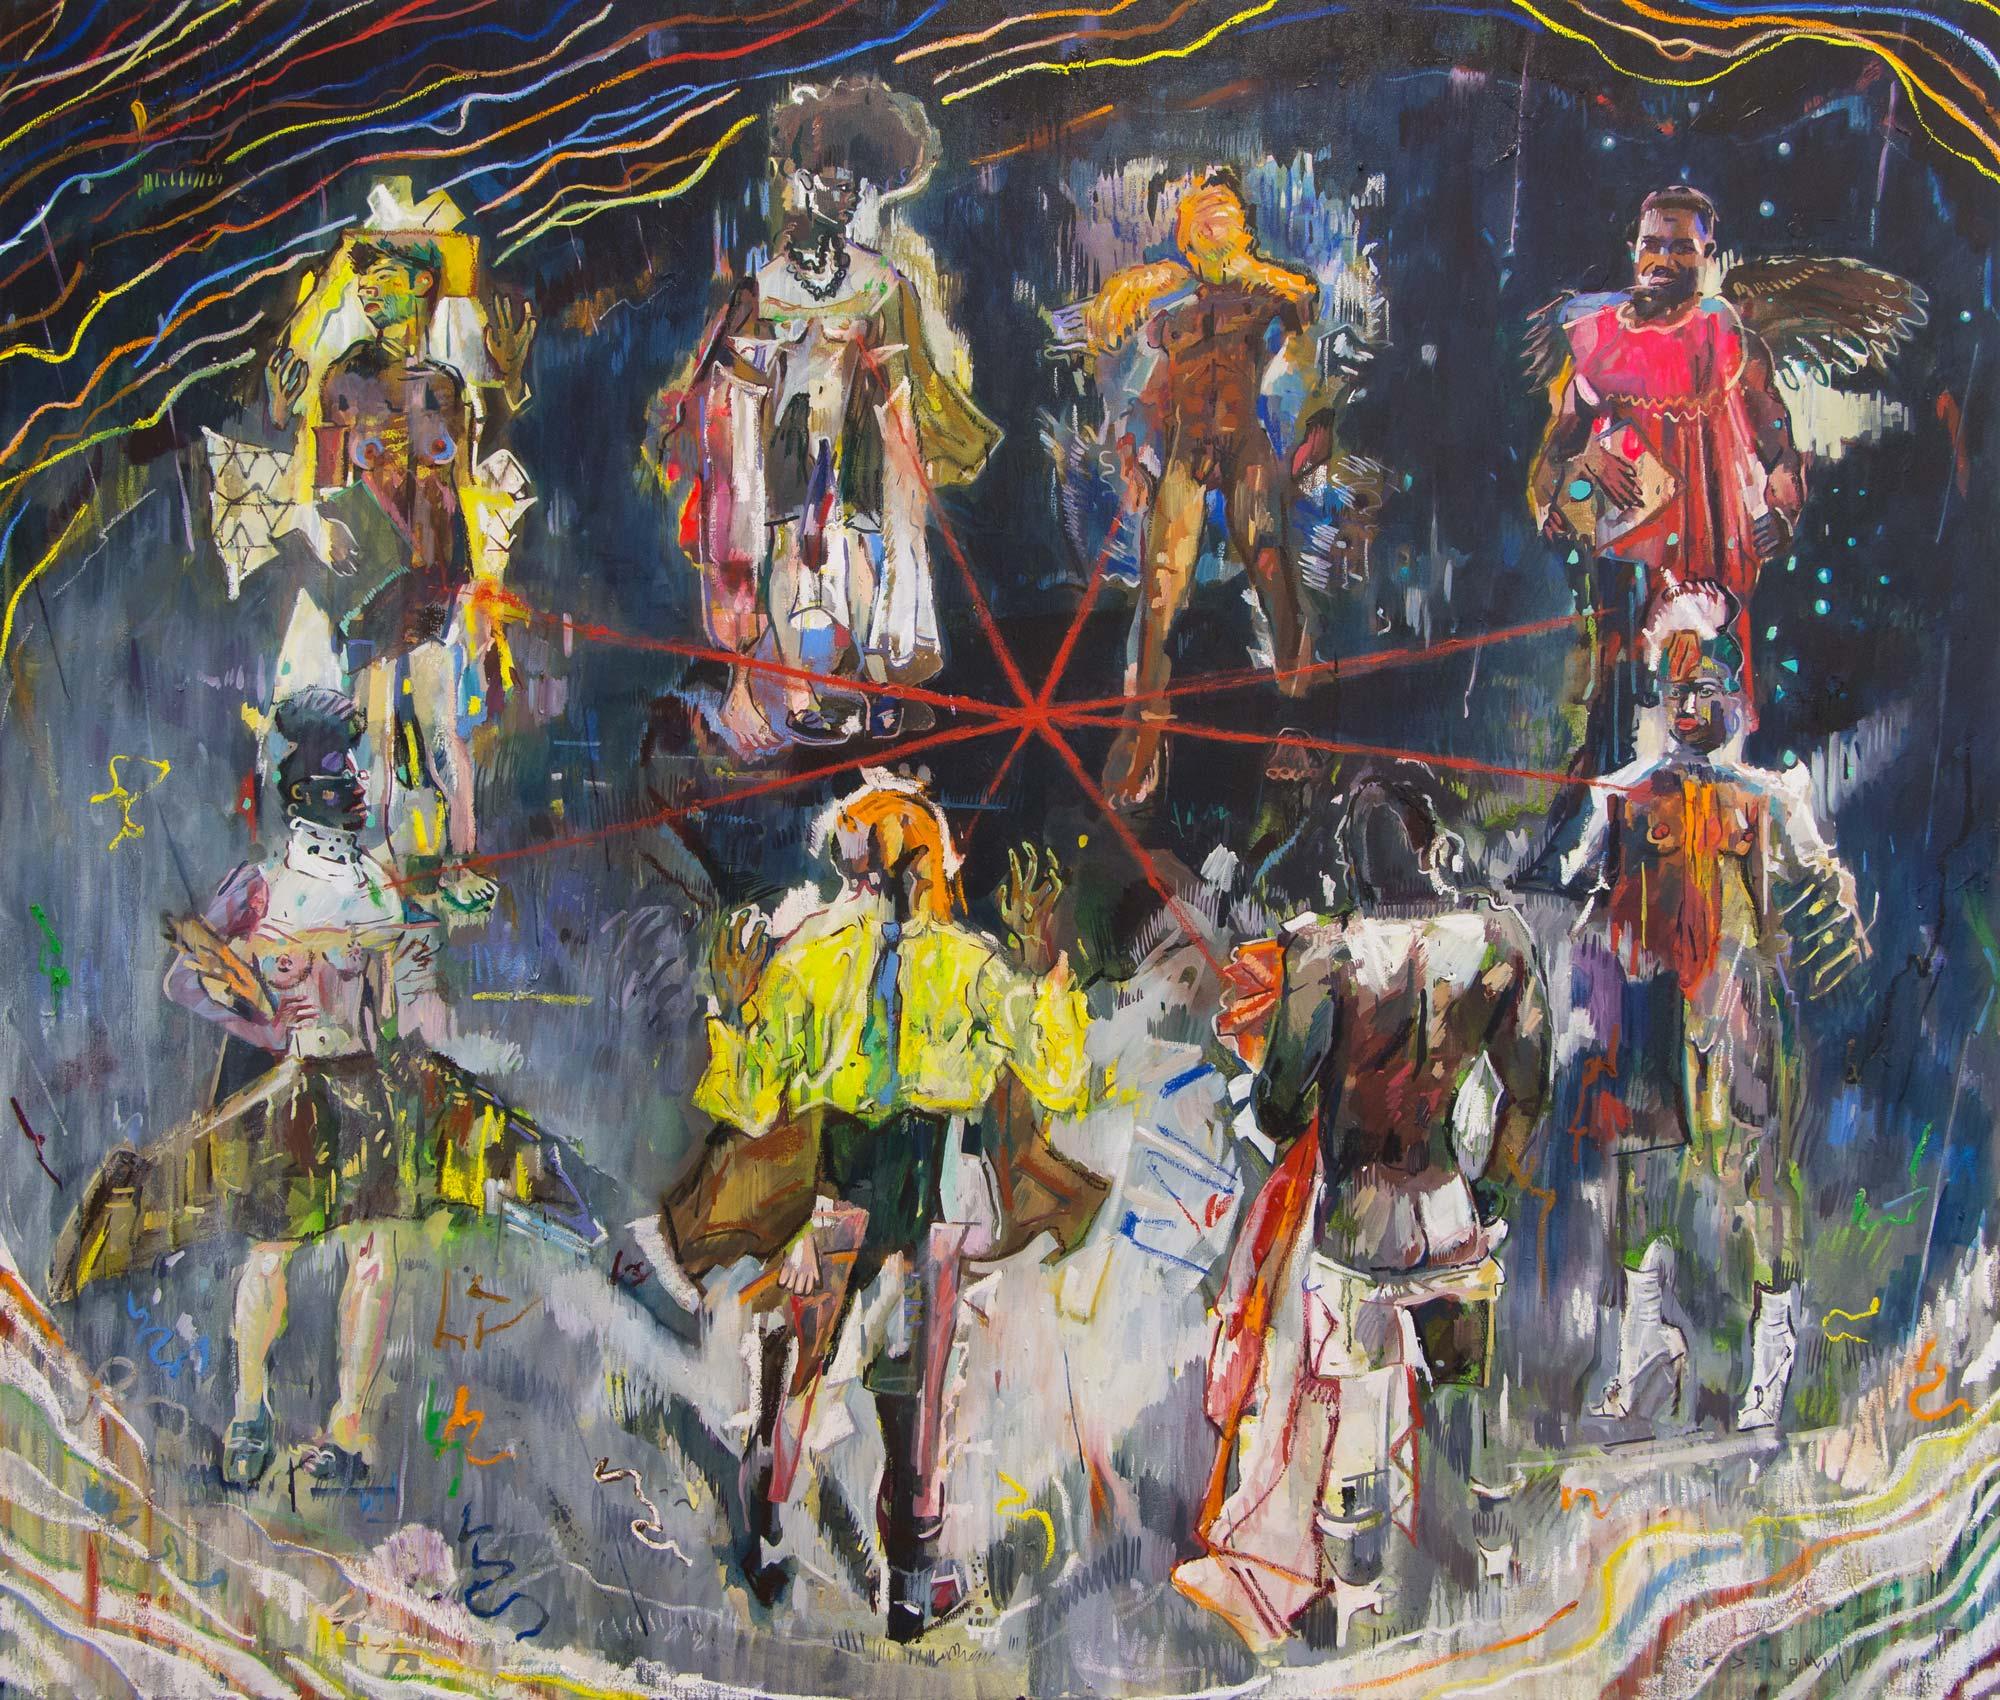 Still Dance. Oil and acrylic on canvas.170cm x 200cm